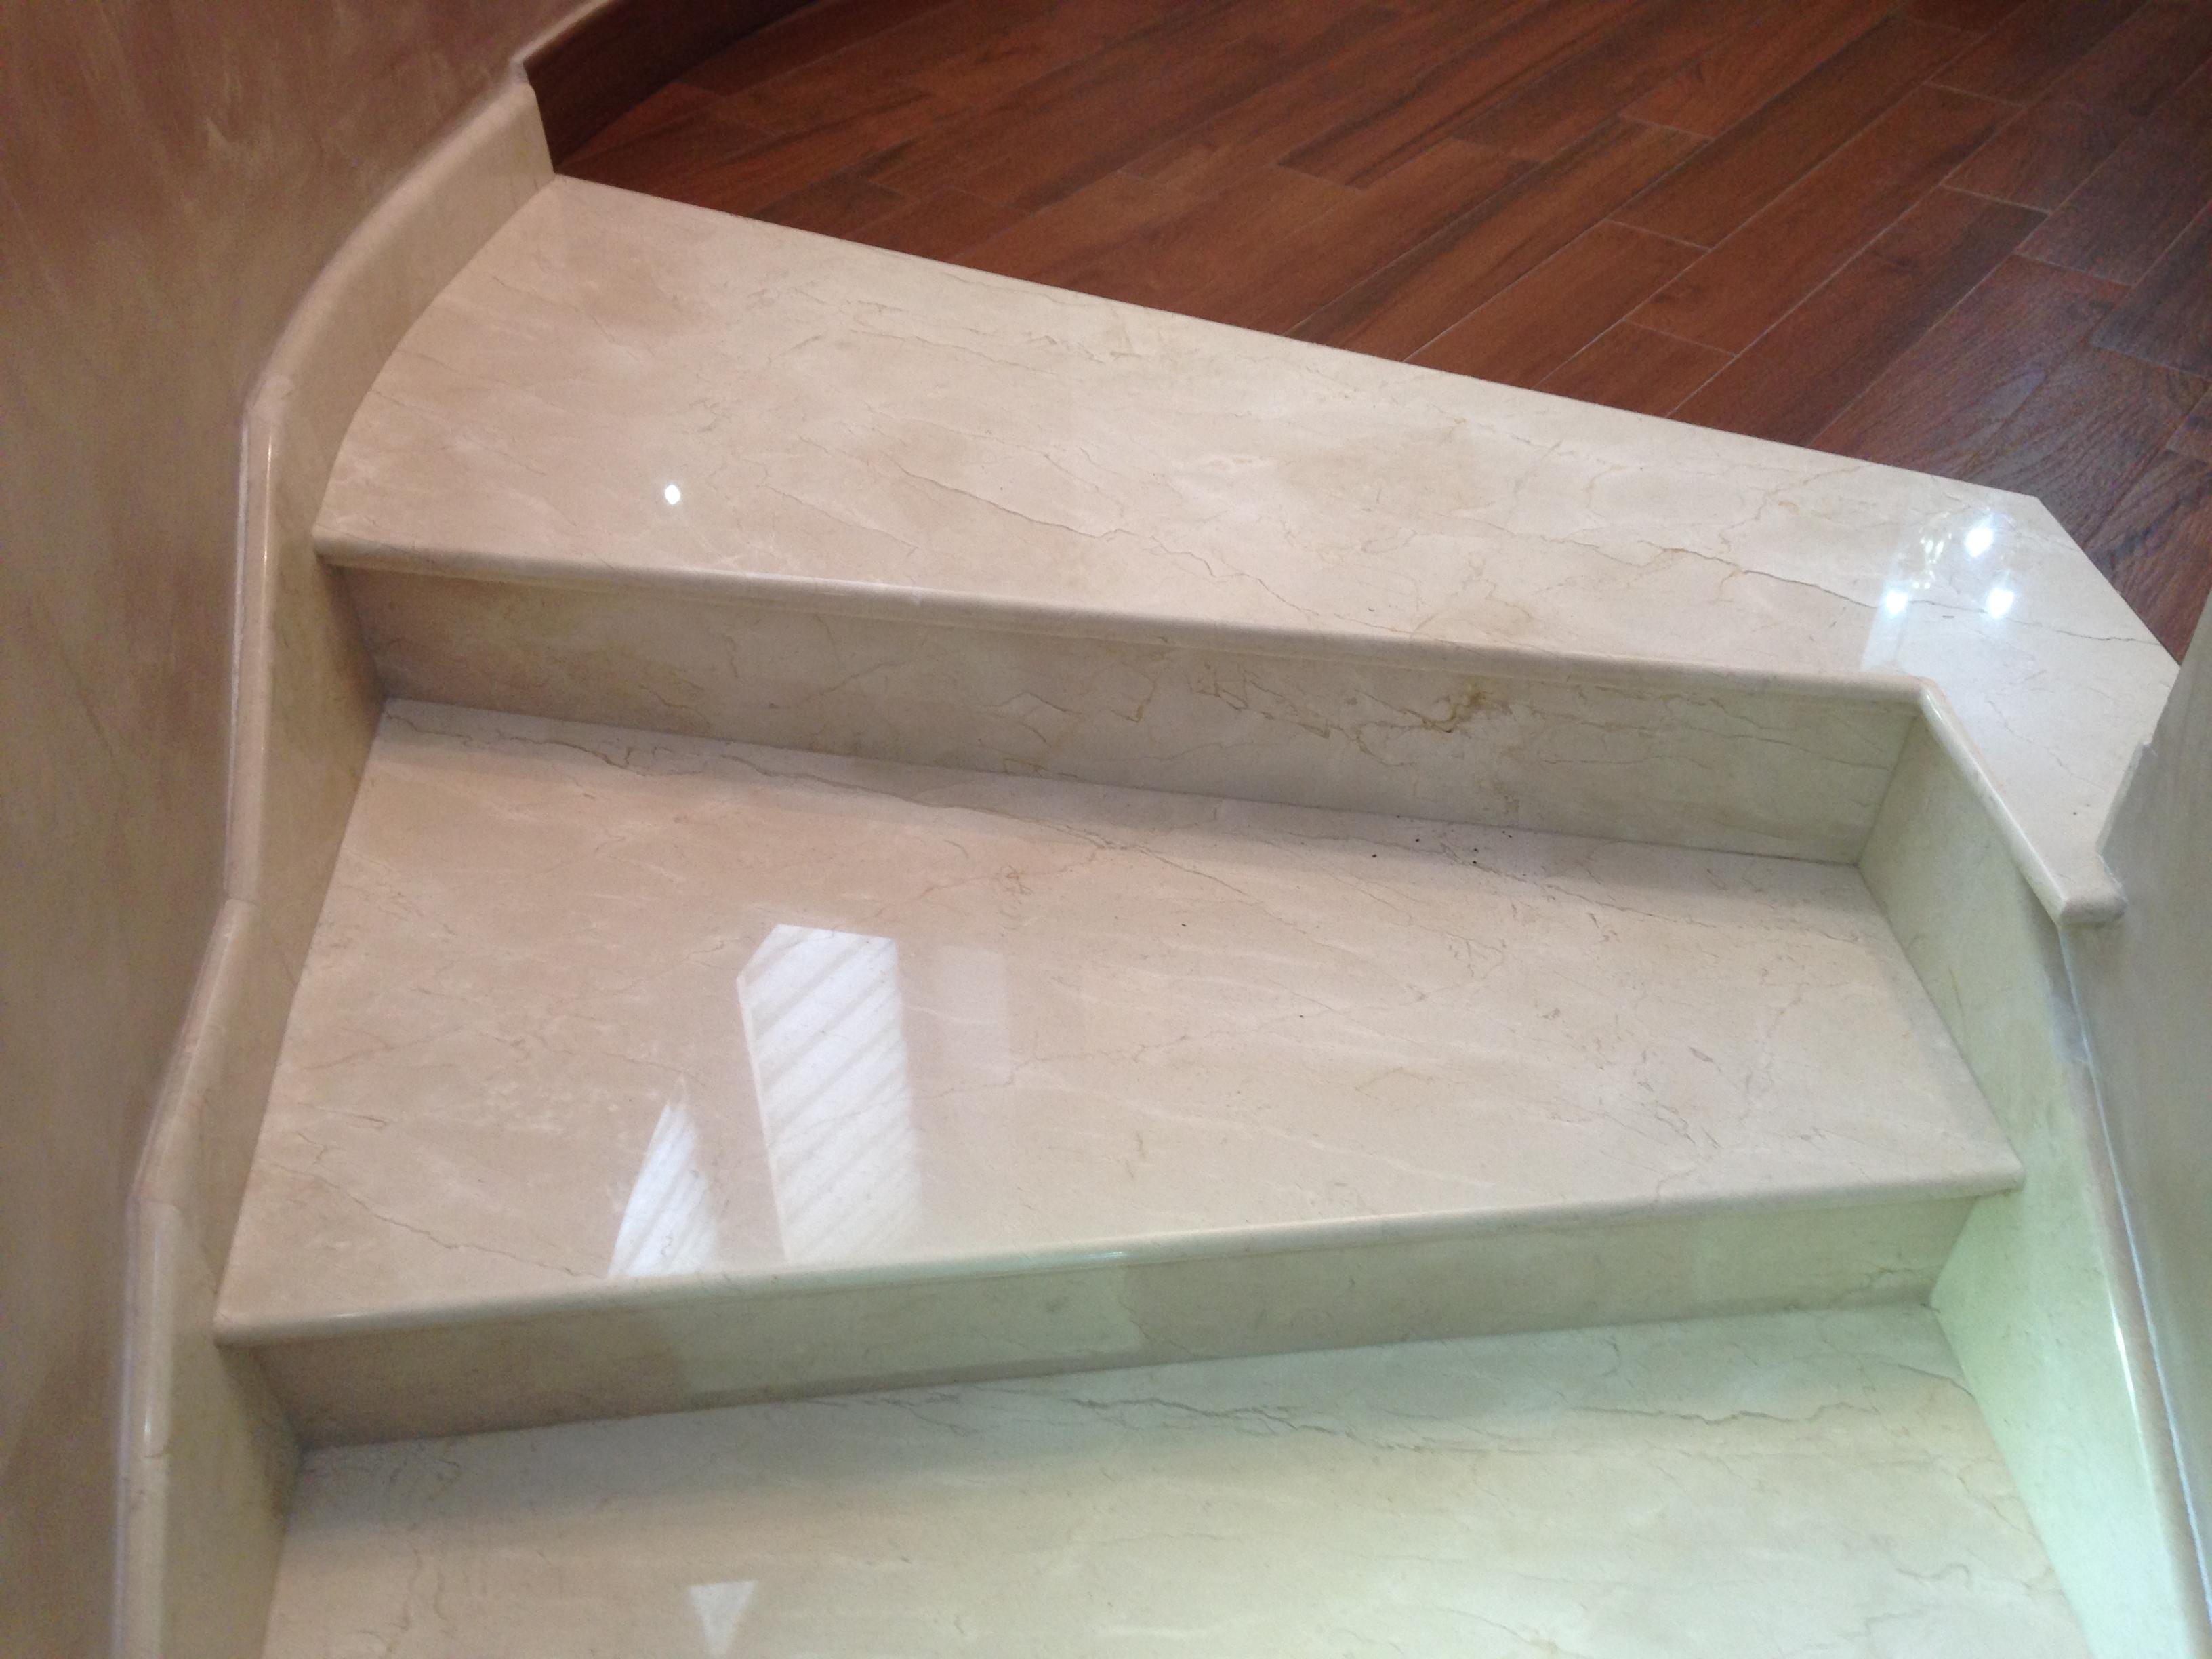 Come rivestire una scala interna cool ad esempio si possono realizzare scale with come - Rivestire scale interne ...